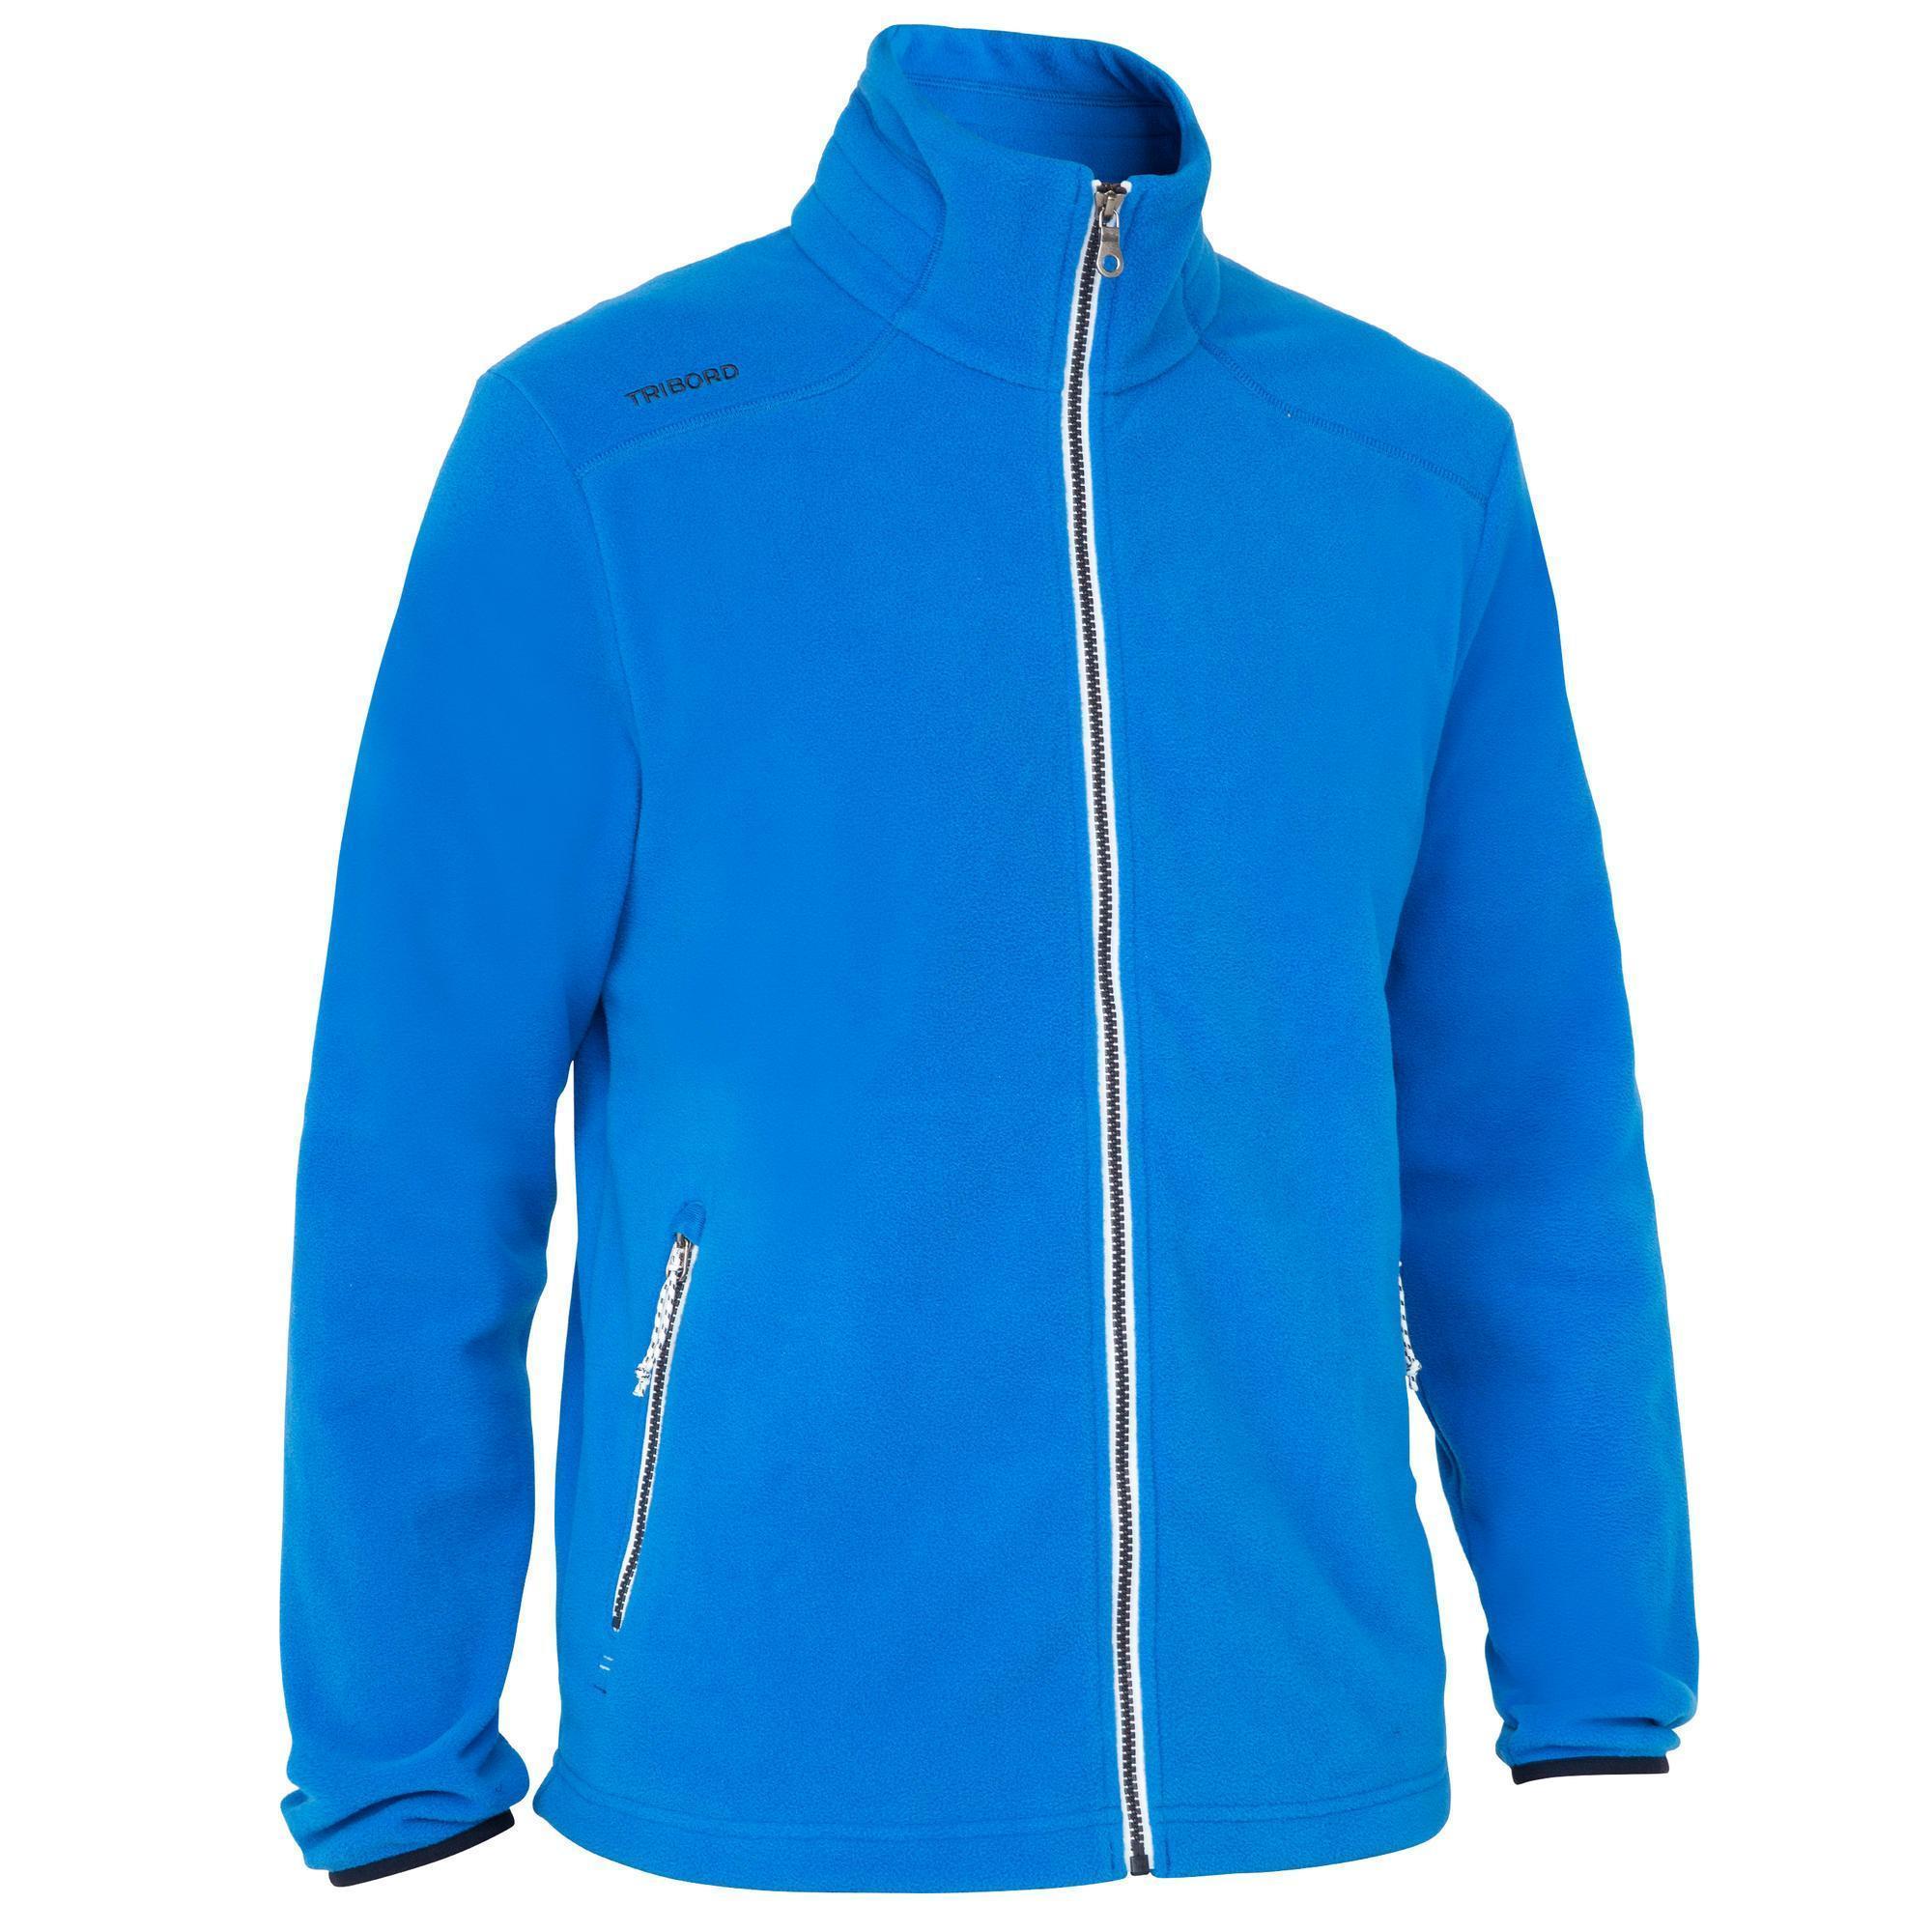 Polaire 100 homme bleu vif 905628cea2b